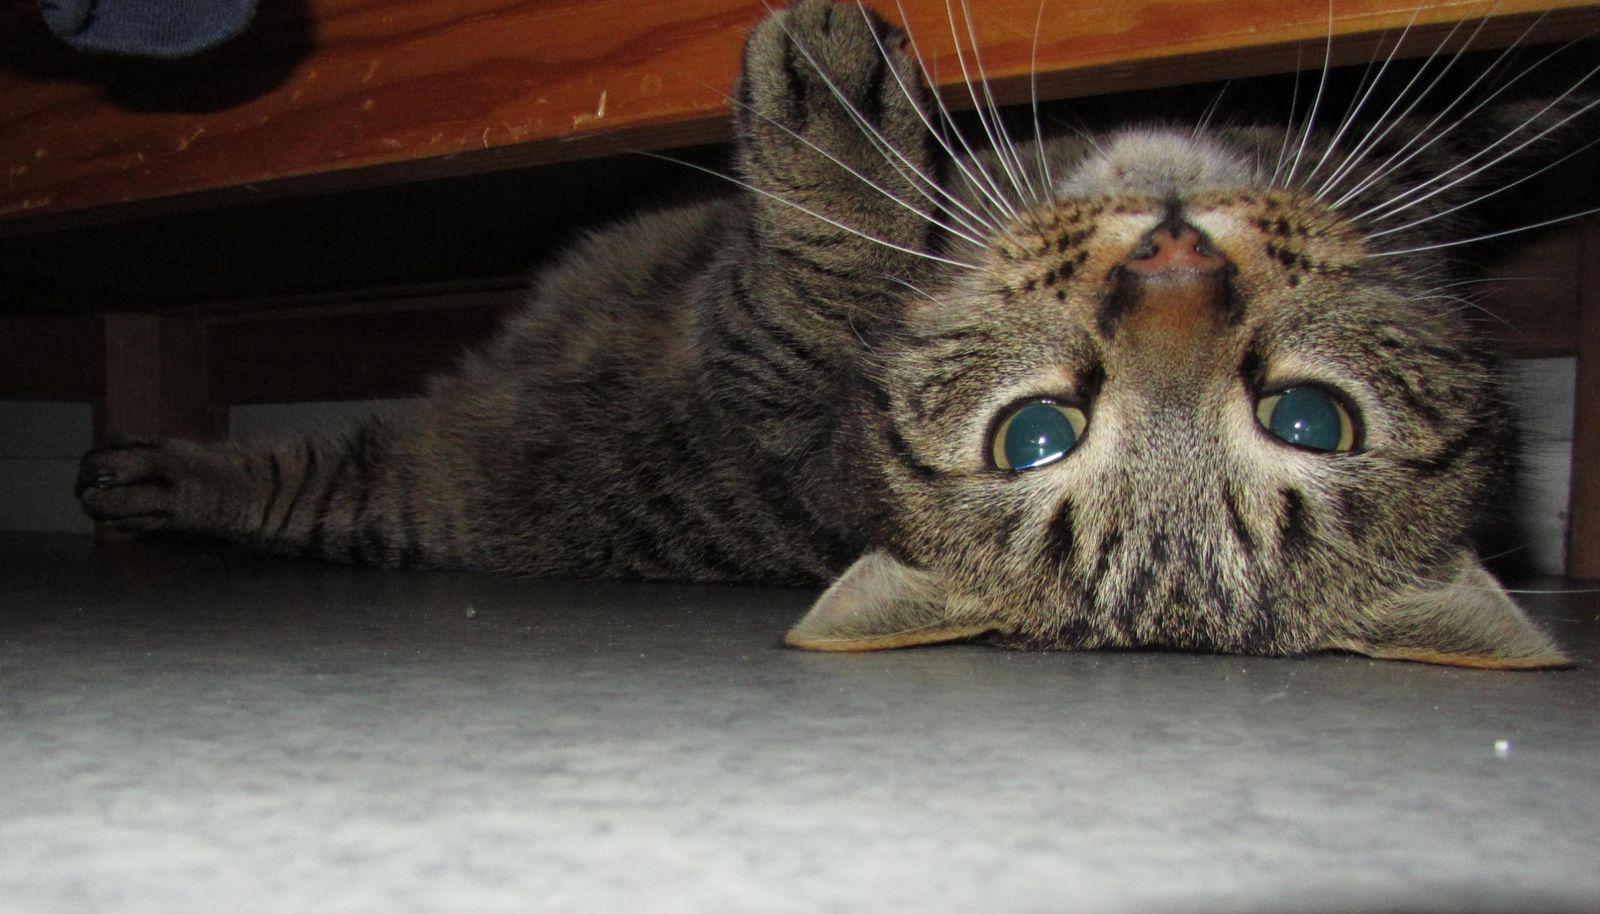 Puisque c'est ça, je vais me cacher sous l'armoire ! En attendant des jours meilleurs...